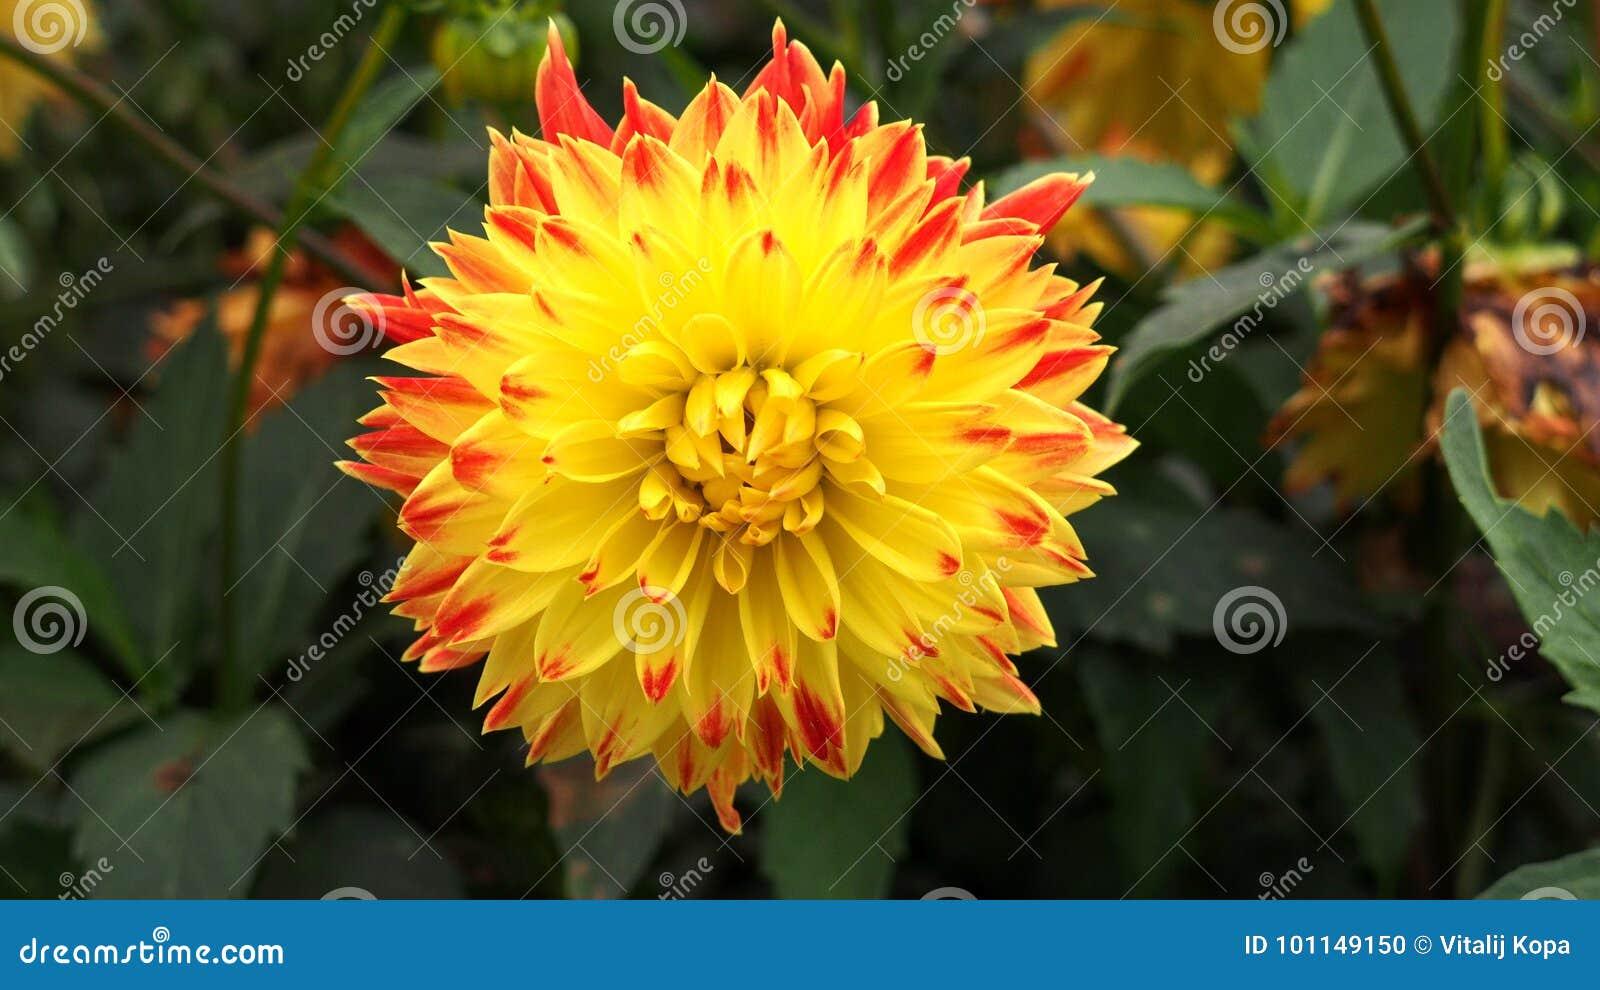 Autumn flowers sun aster